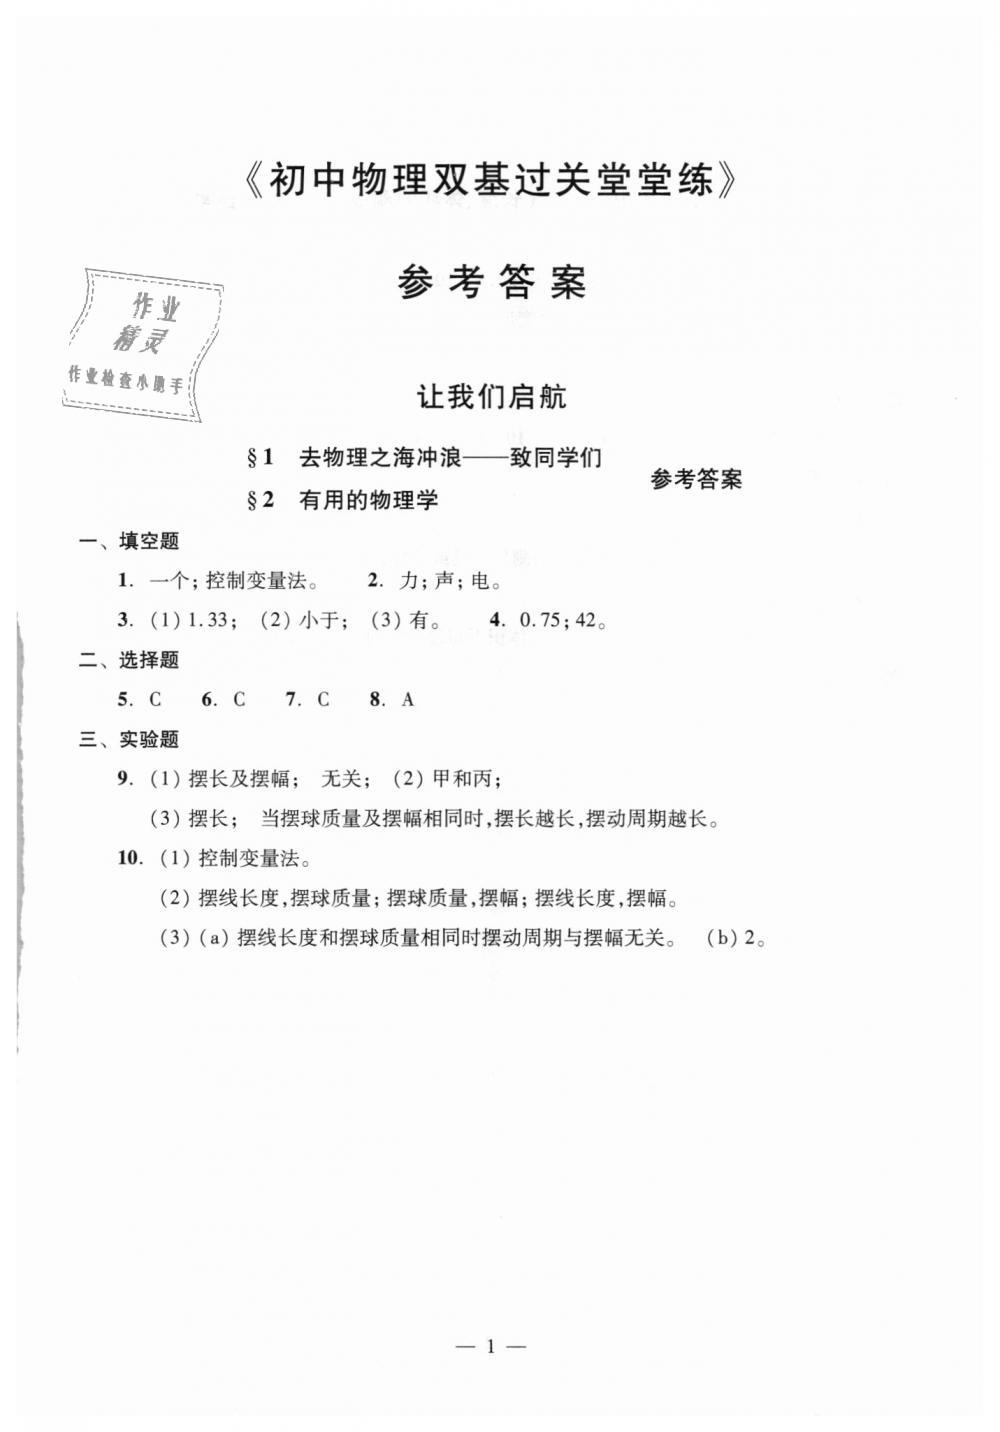 2018年初中物理双基过关堂堂练八年级全一册沪教版第1页